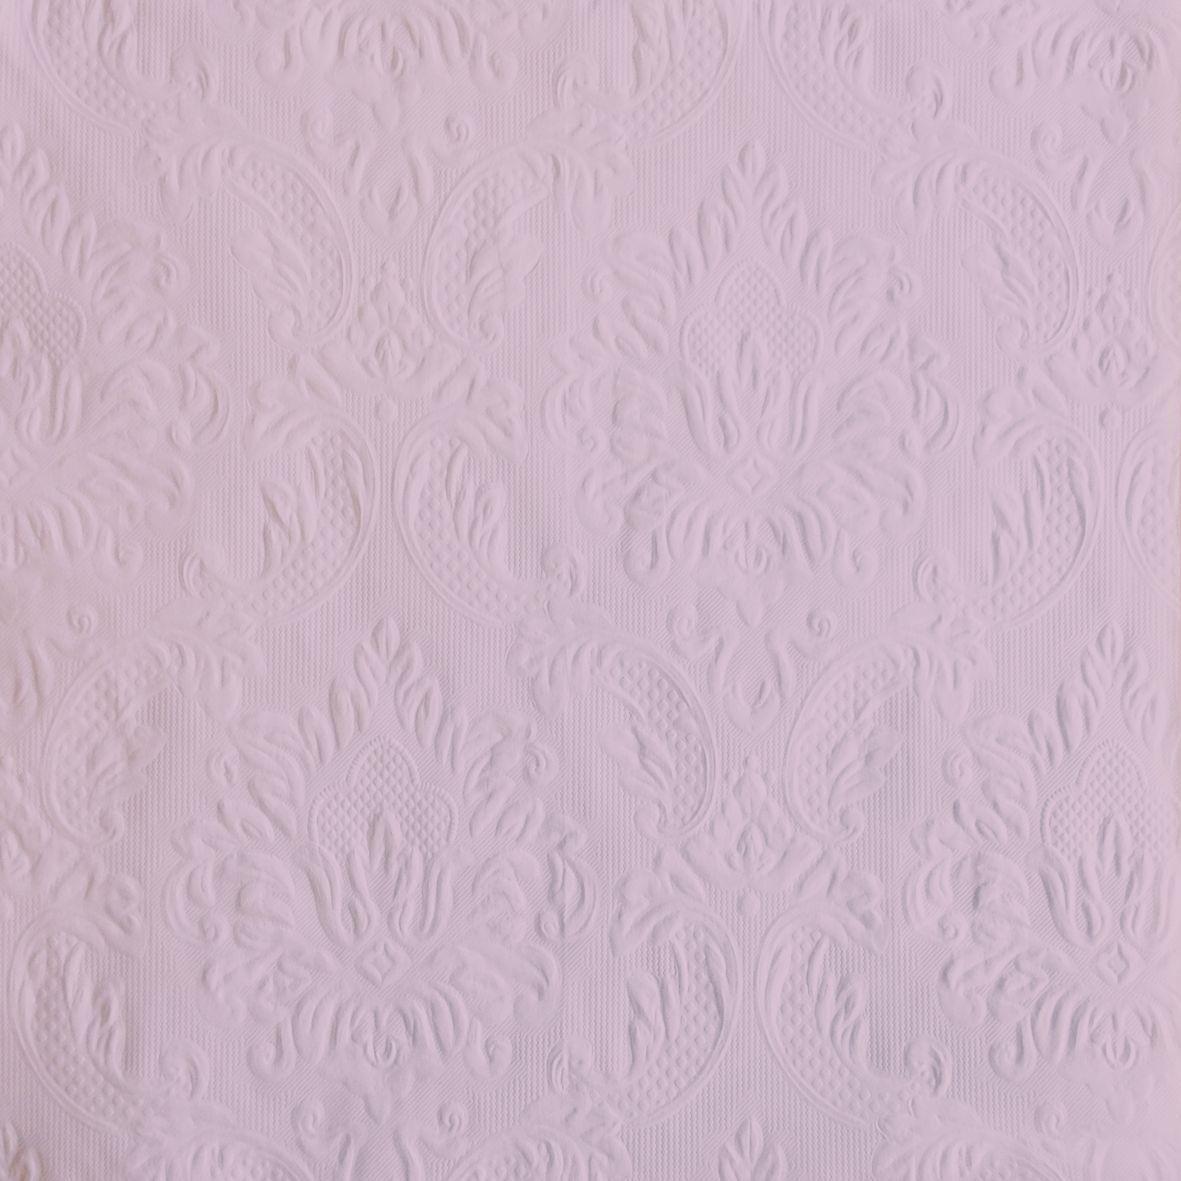 Салфетки бумажные Duni, 3-слойные, с тиснением, цвет: розовый, 33 х 33 см, 20 шт4607009240558Трехслойные бумажные салфетки Duni изготовлены из экологически чистого, высококачественного сырья - 100% целлюлозы. Они выполнены в оригинальном и современном стиле, прекрасно сочетаются с любым интерьером и всегда будут прекрасным и незаменимым украшением стола.Размер салфеток: 33 х 33 см.